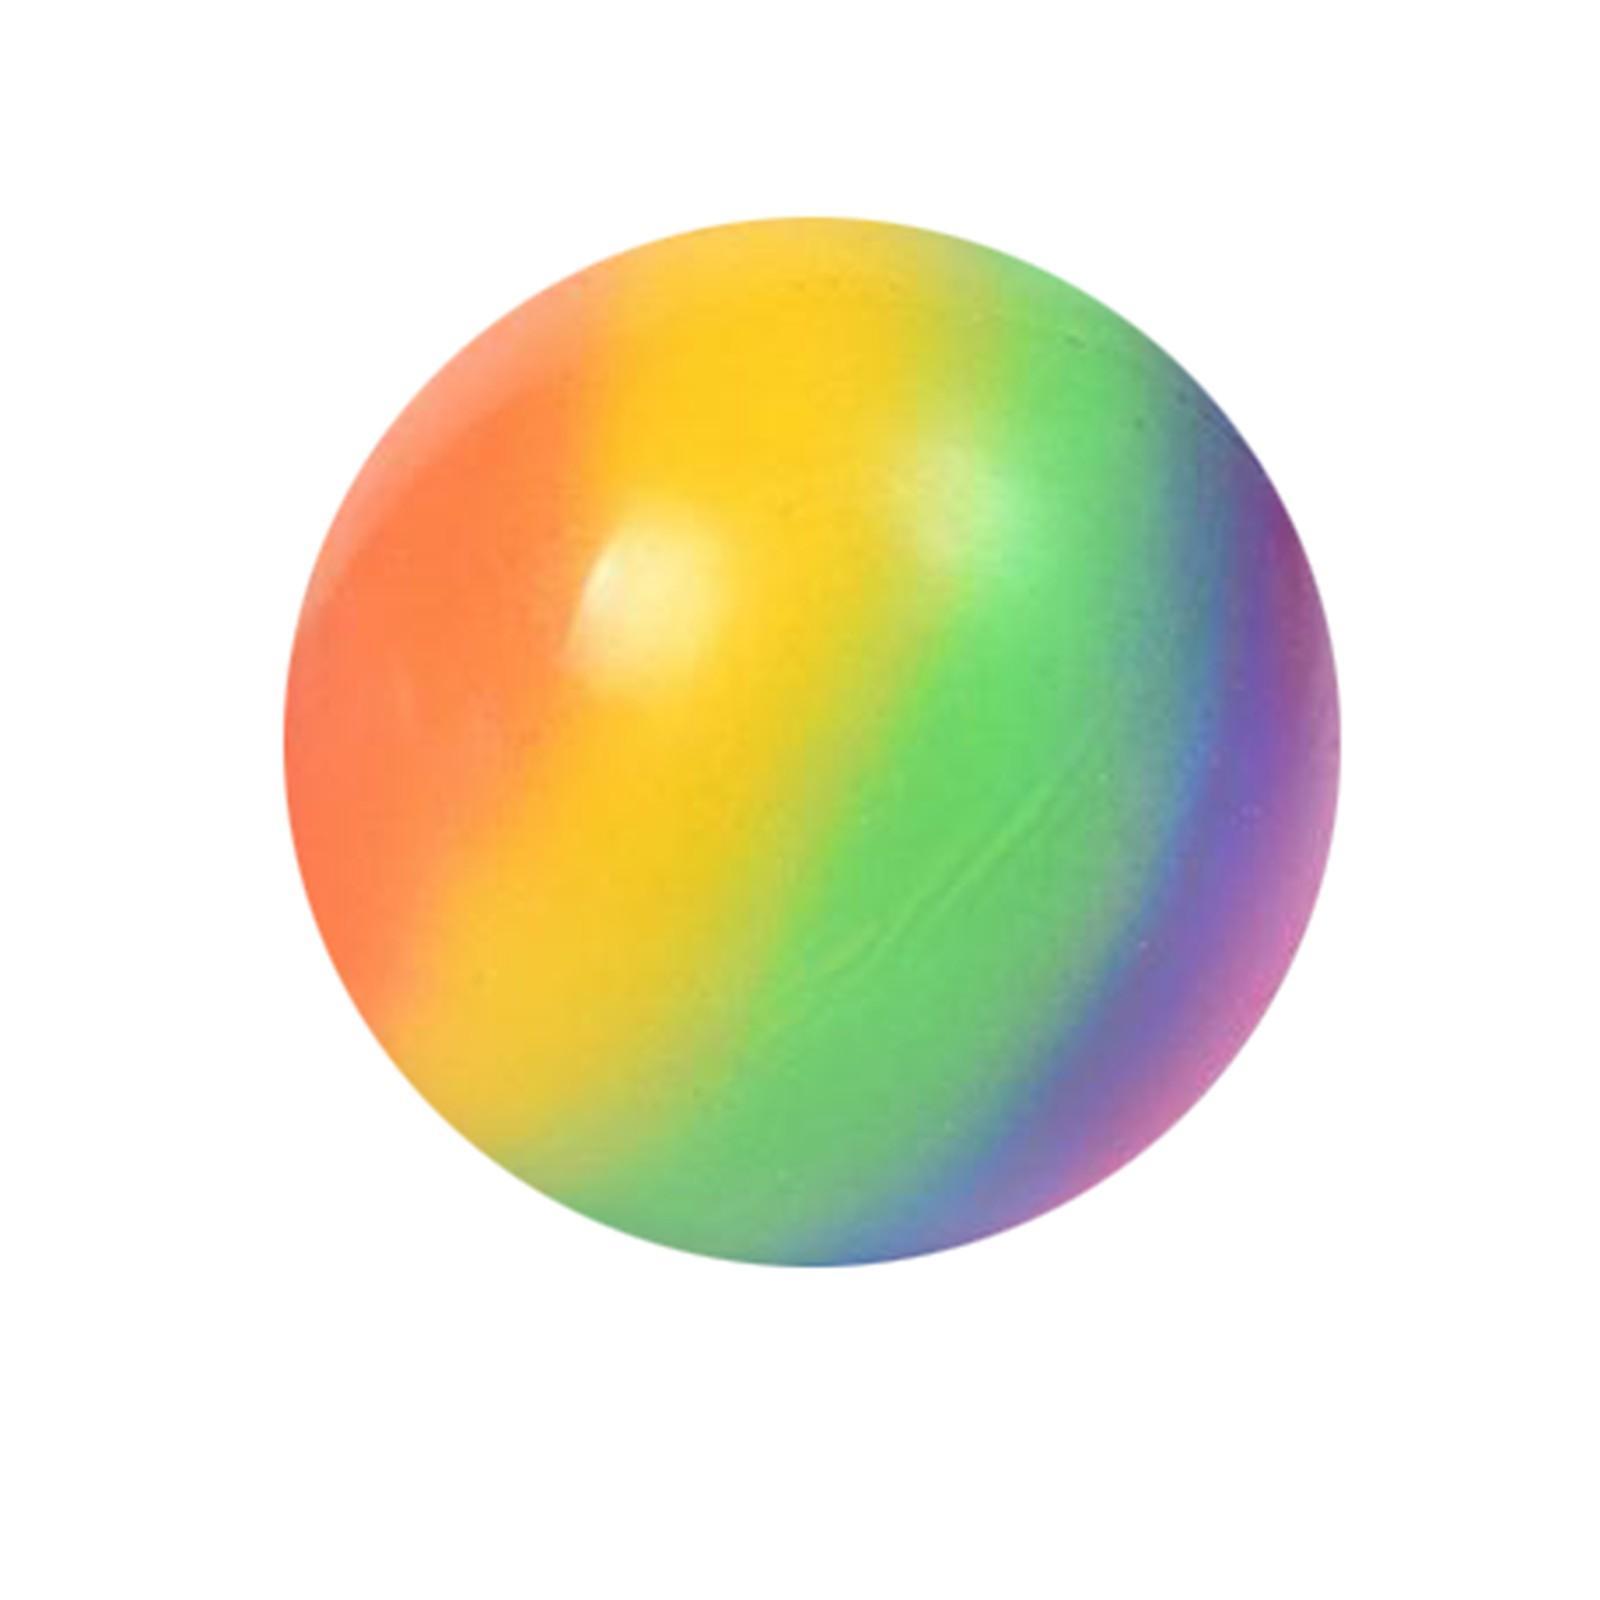 Squishmallow fidget juguetes arco iris creativo colorido ventilación bola descompresión juguete niños adulto descompresión juguete de juguete bola